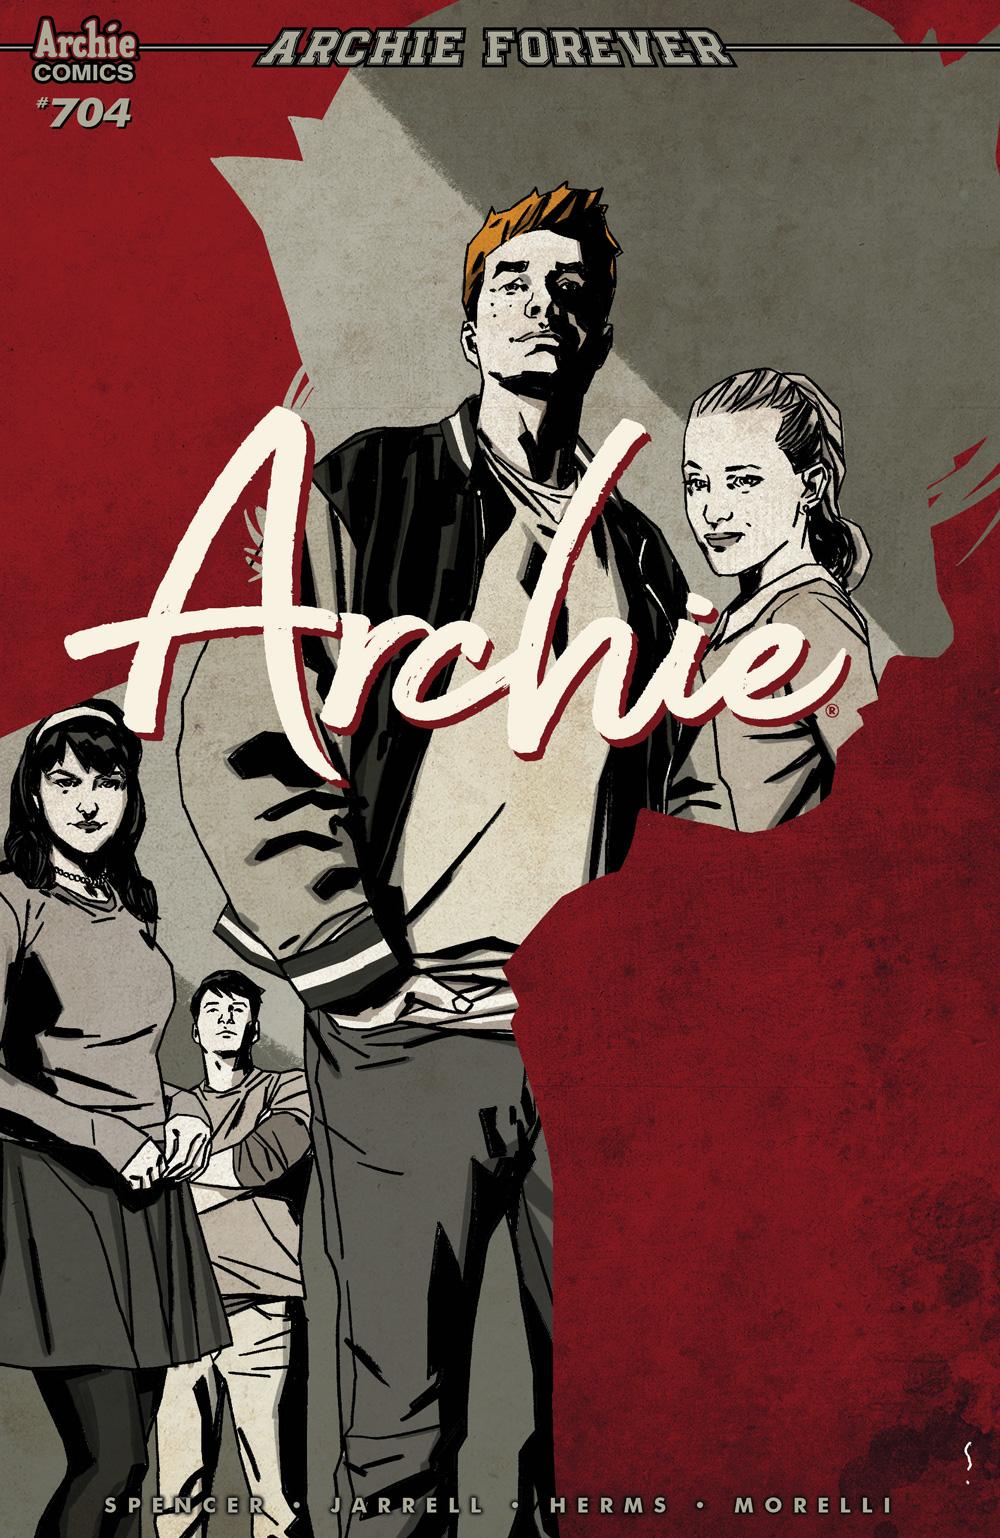 Archie_704_CoverC_DowSmith.jpg